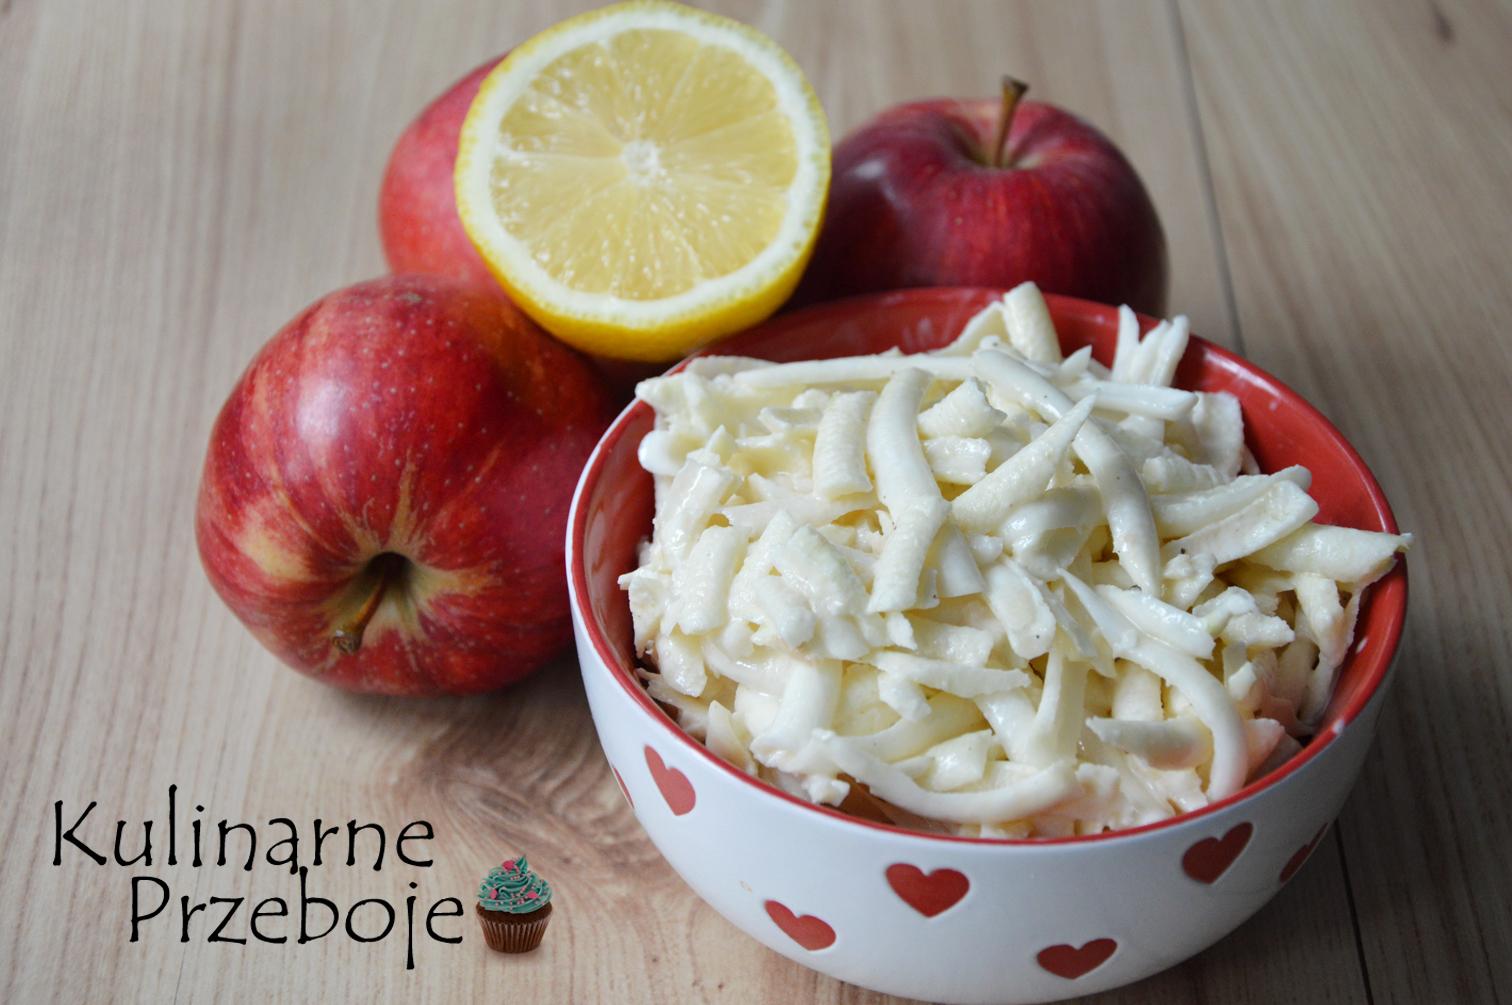 Prosta i szybka surówka do obiadu z selera i jabłka.